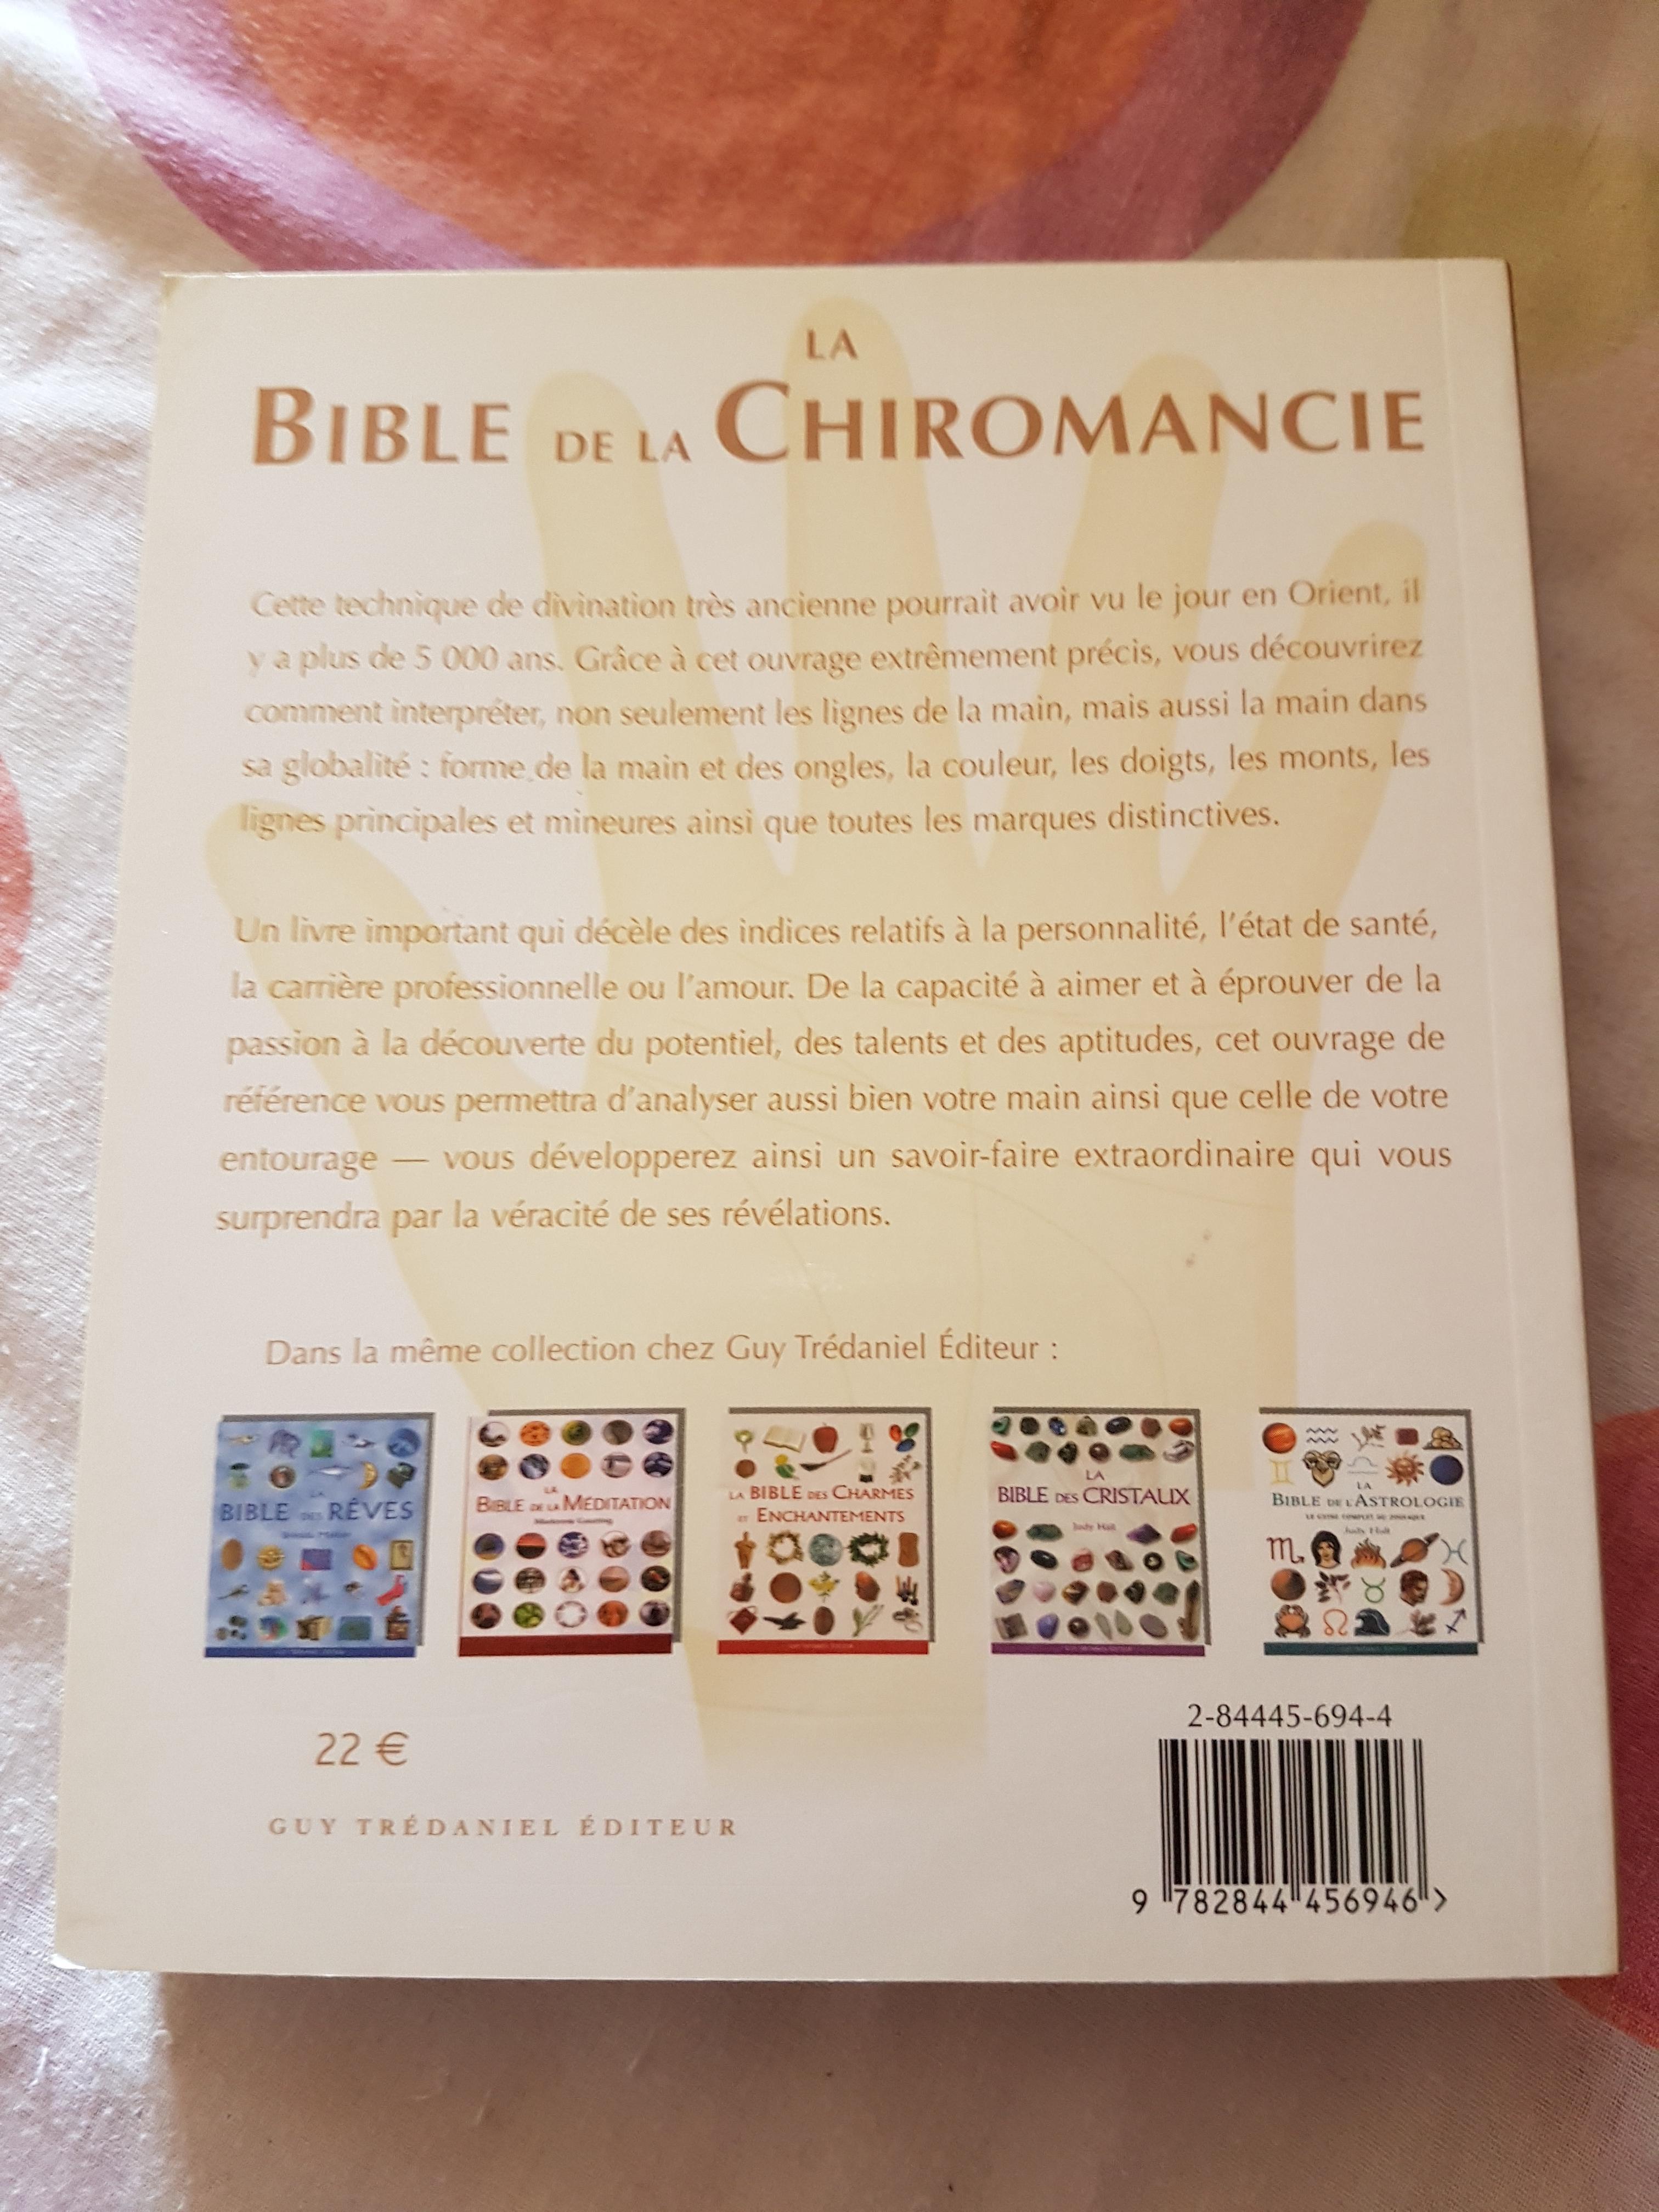 troc de troc la bible de la chiromancie image 1